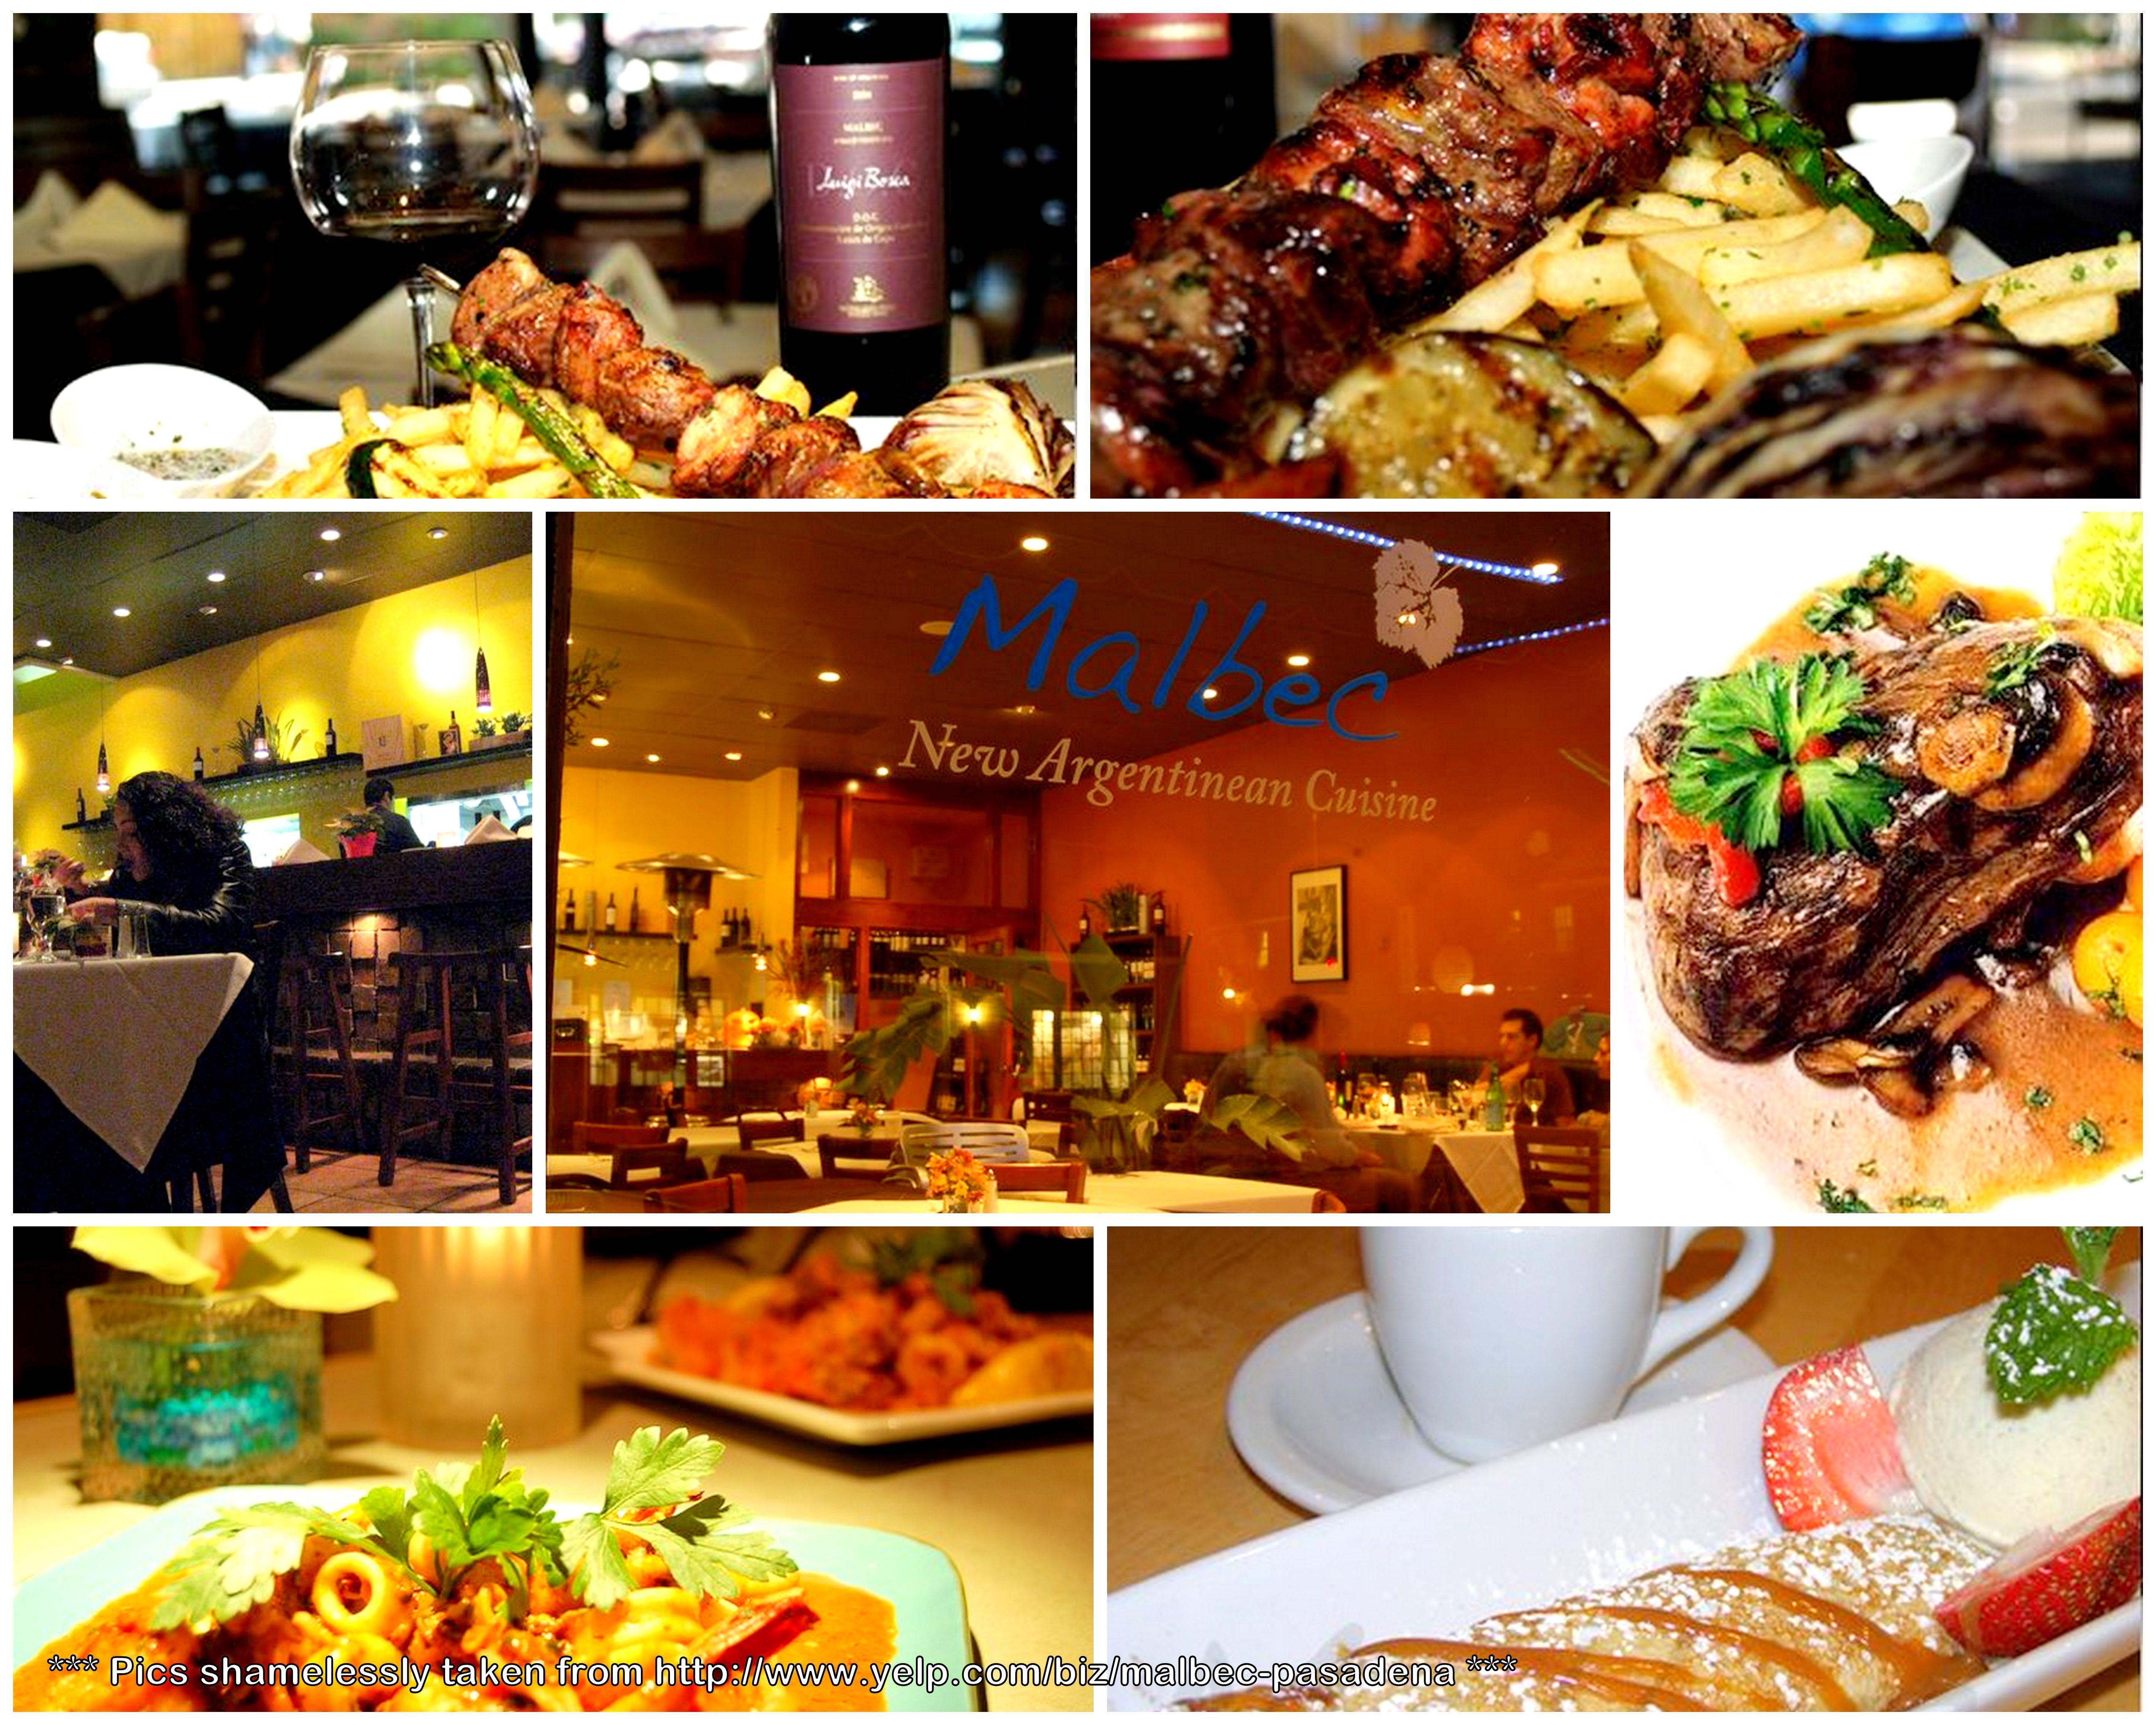 Argentine cuisine for Argentinean cuisine